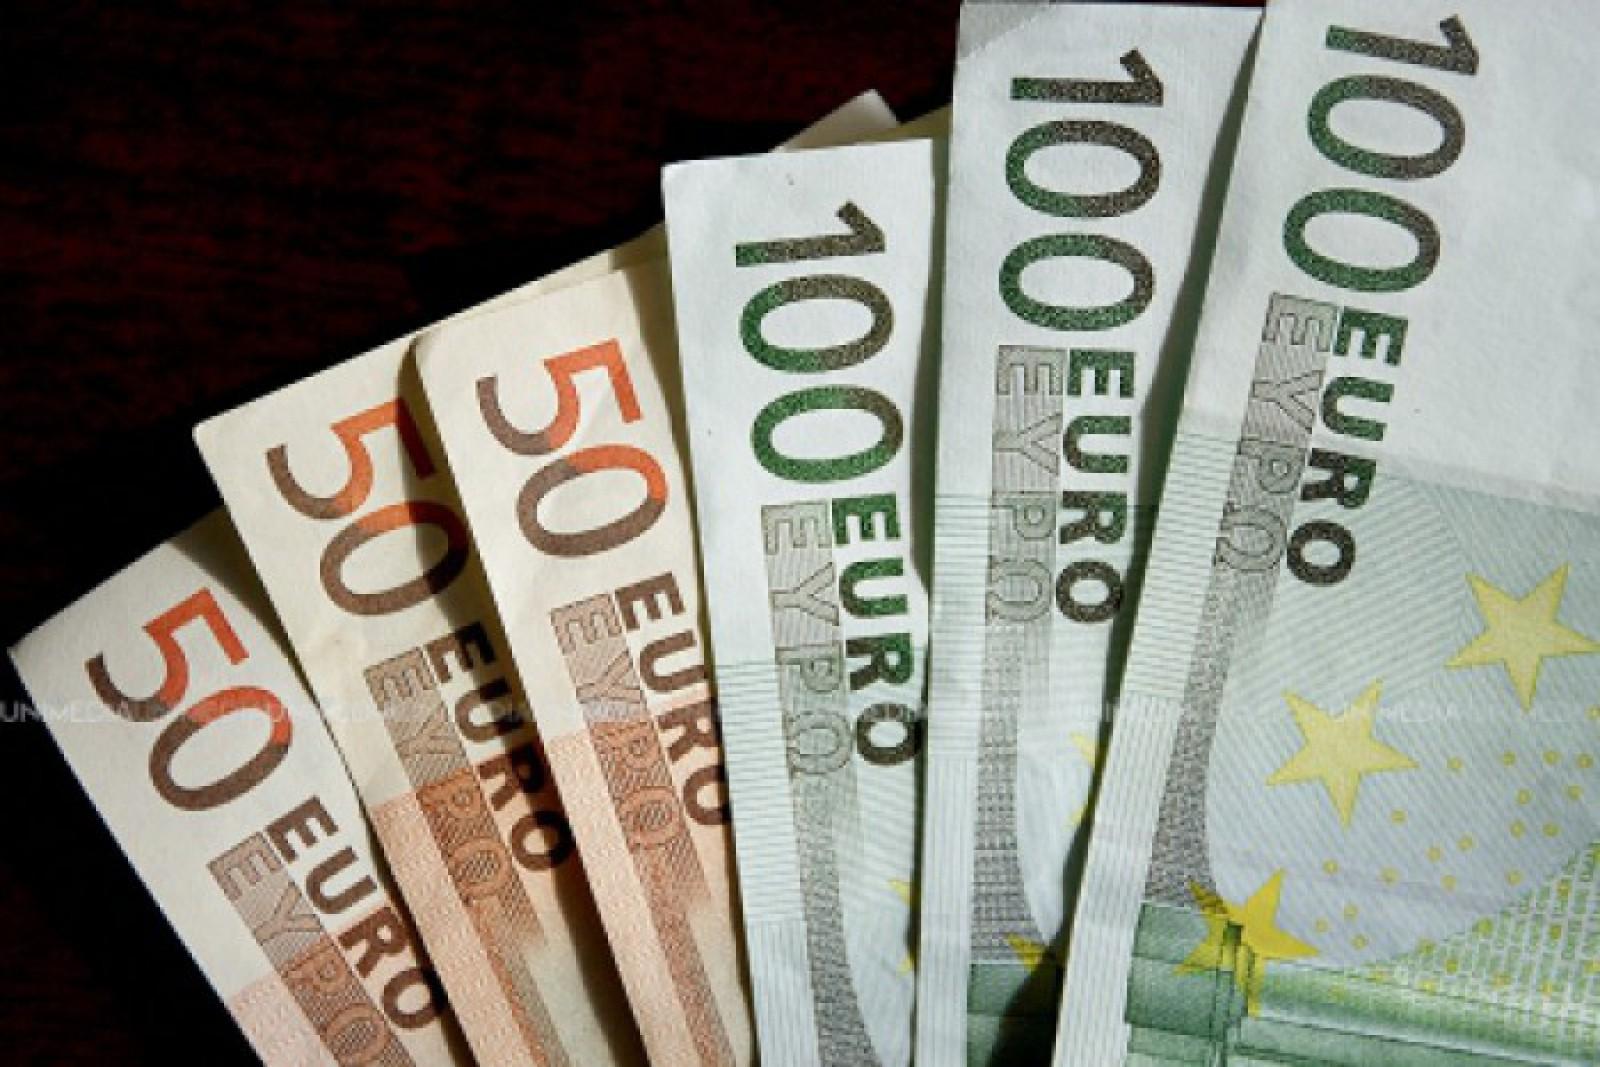 Țara în care suspecții de corupție dau înapoi 100 de miliarde de dolari